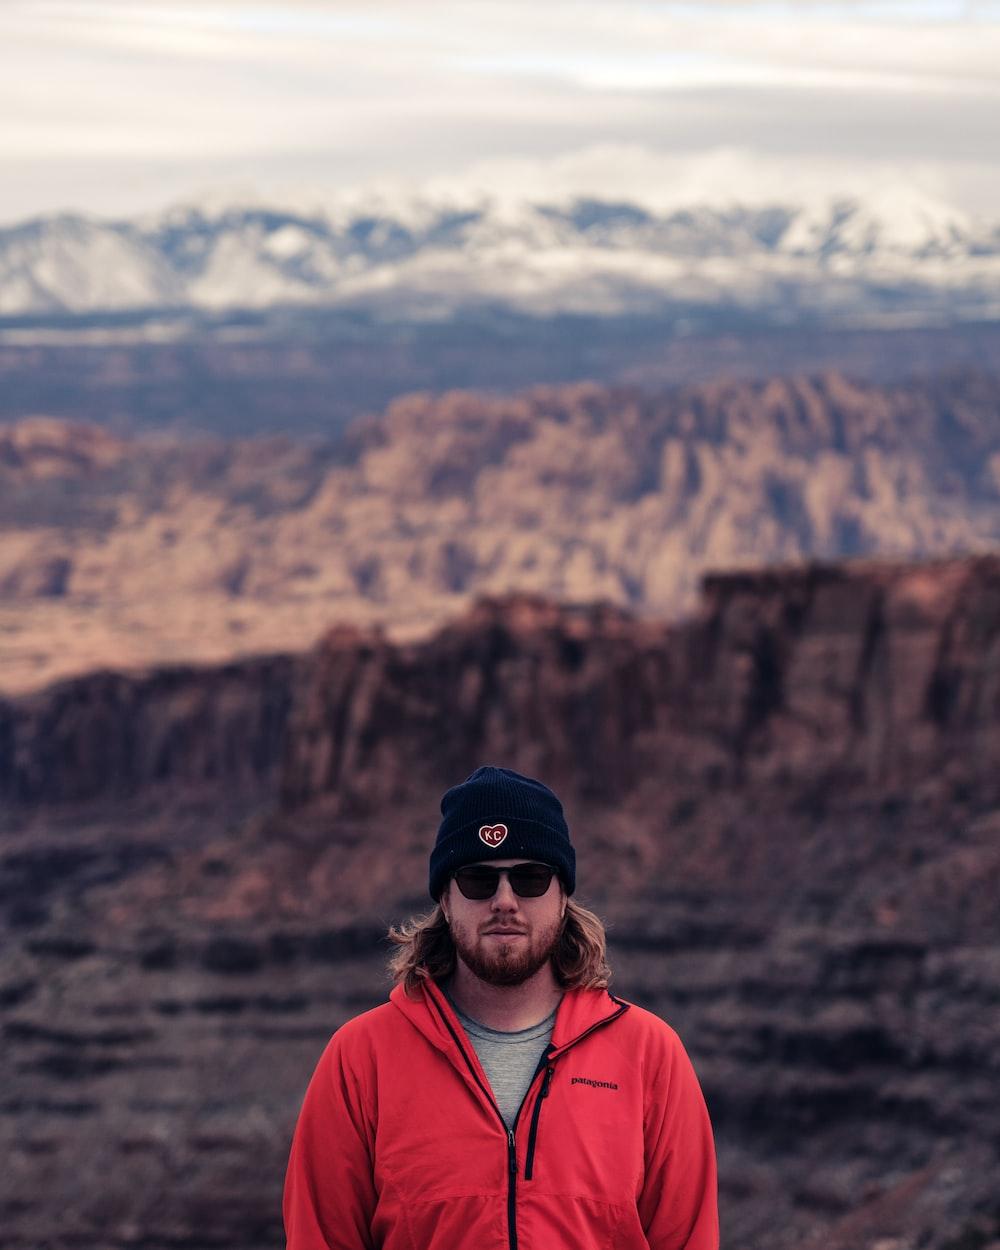 man wearing red zip jacket near mountains during day